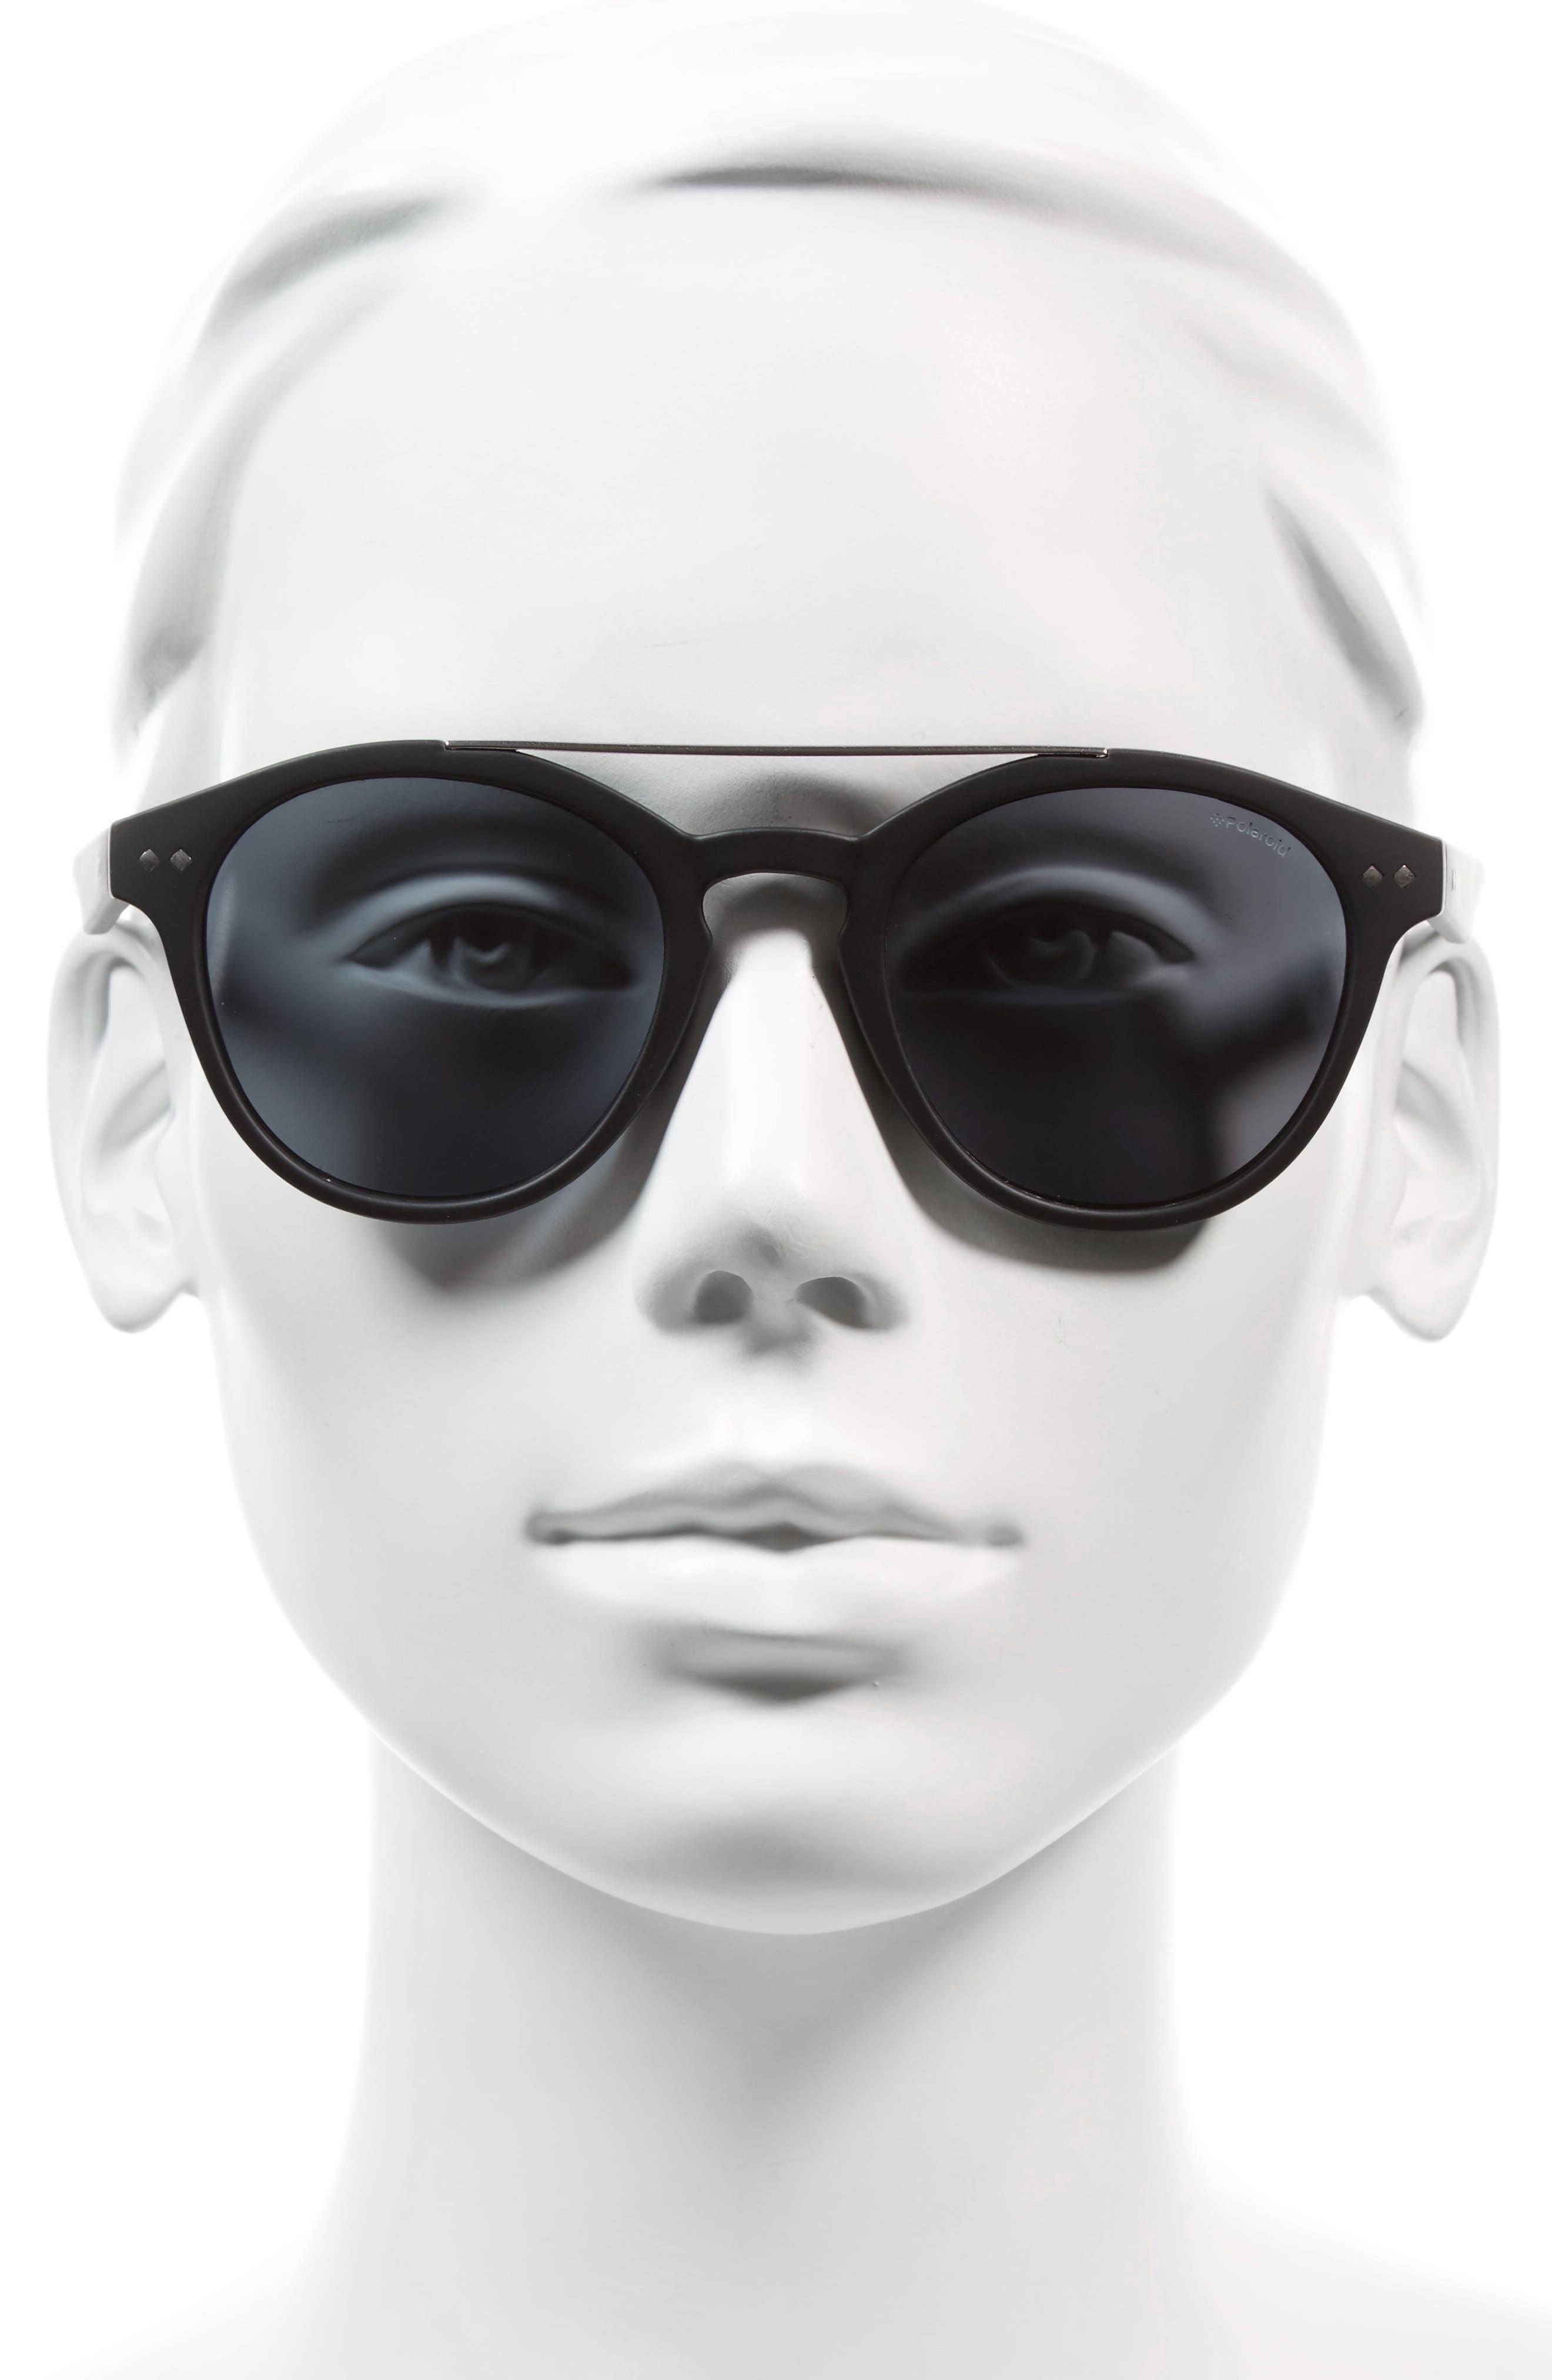 50mm Polarized Retro Sunglasses,                             Alternate thumbnail 2, color,                             Matte Black